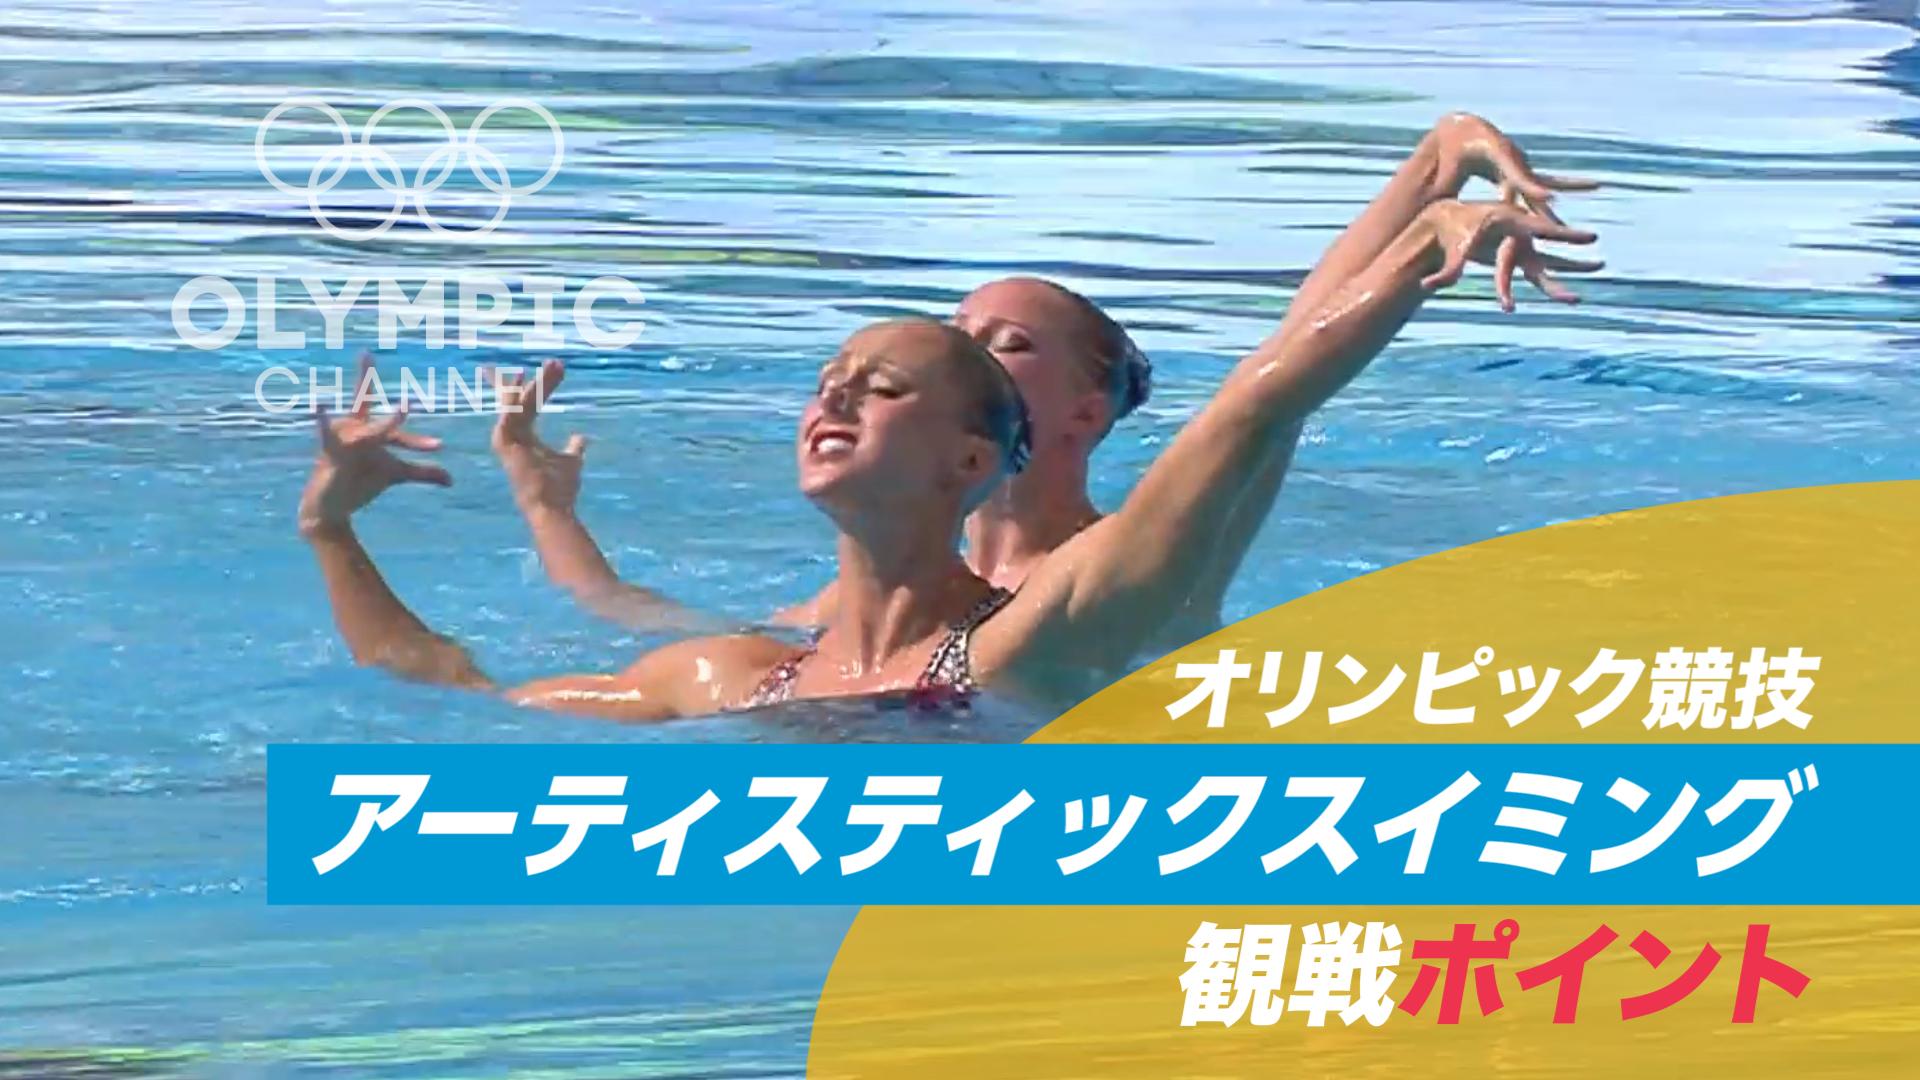 【動画】オリンピック競技 観戦ポイント アーティスティックスイミング